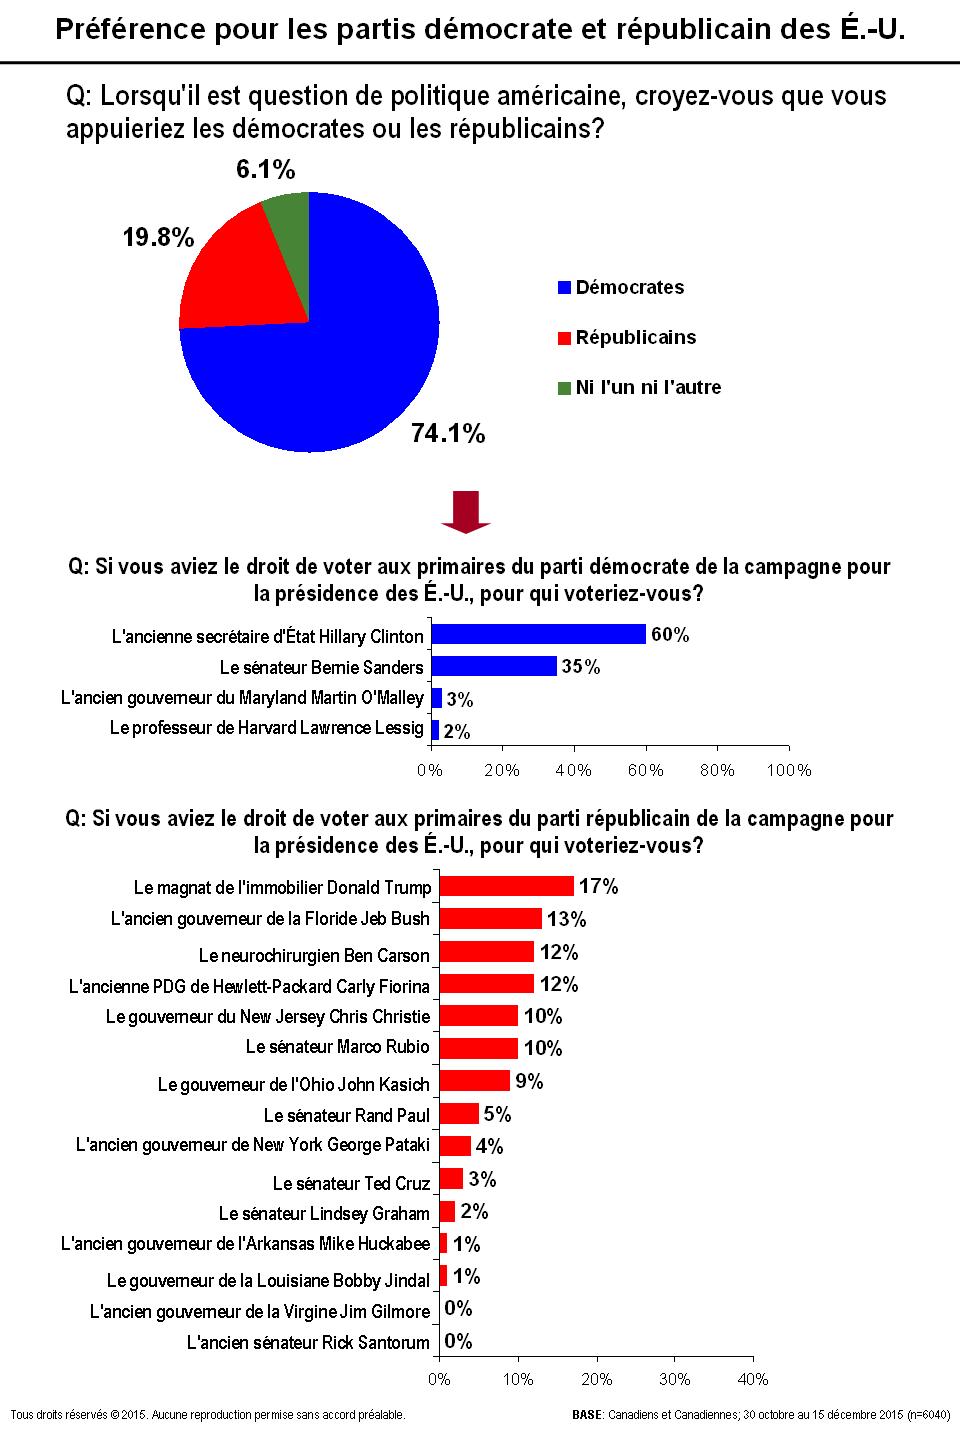 Carte - Préférence pour les partis démocrate et républicain des É.-U.